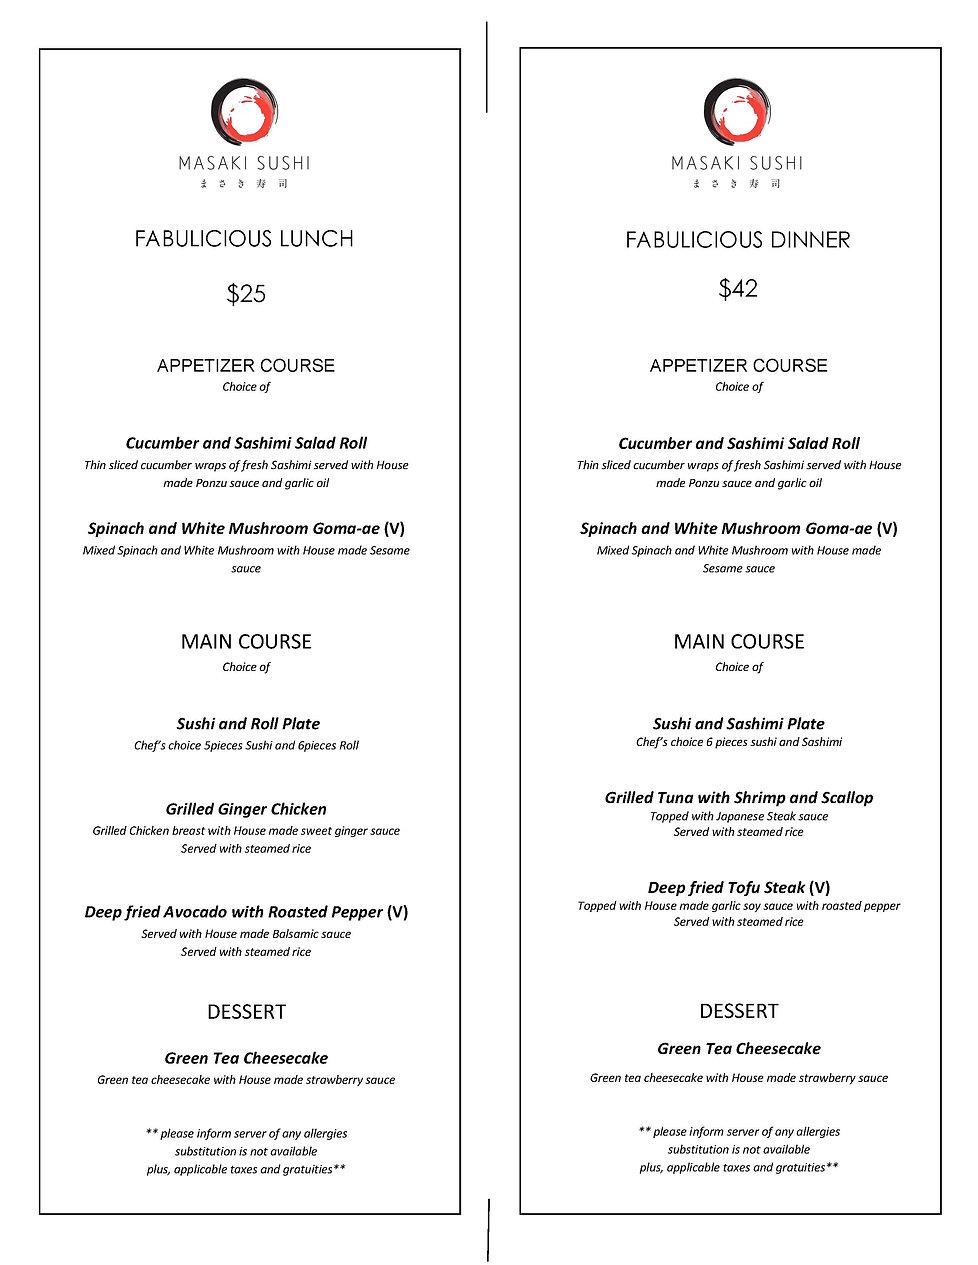 2020_February_fabulicious menu 1.jpg